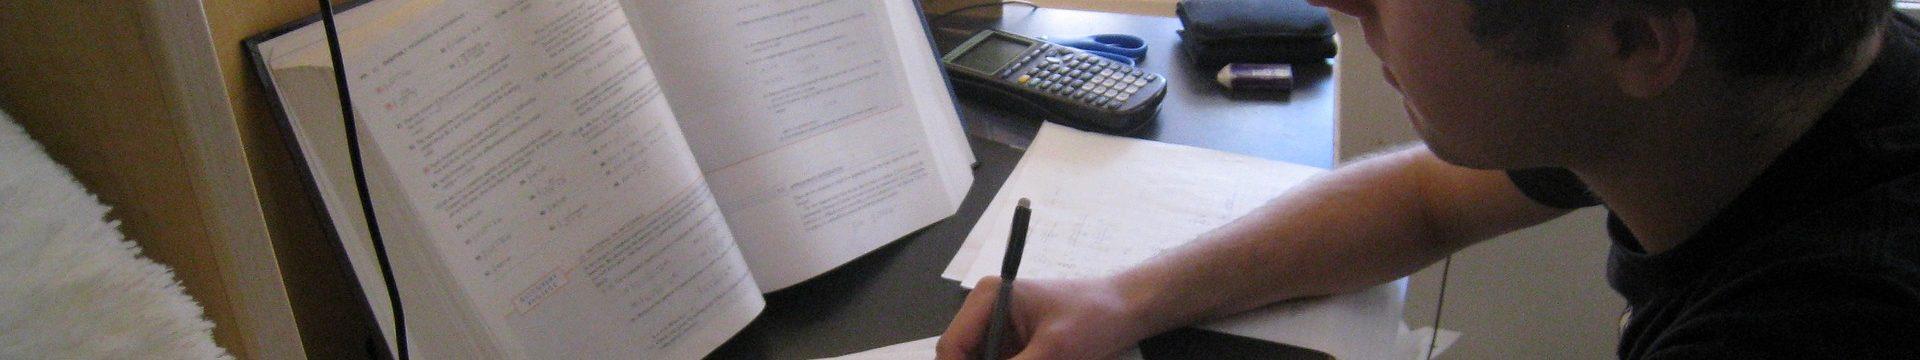 Jakprzygotować ankietę dopracy licencjackiej?